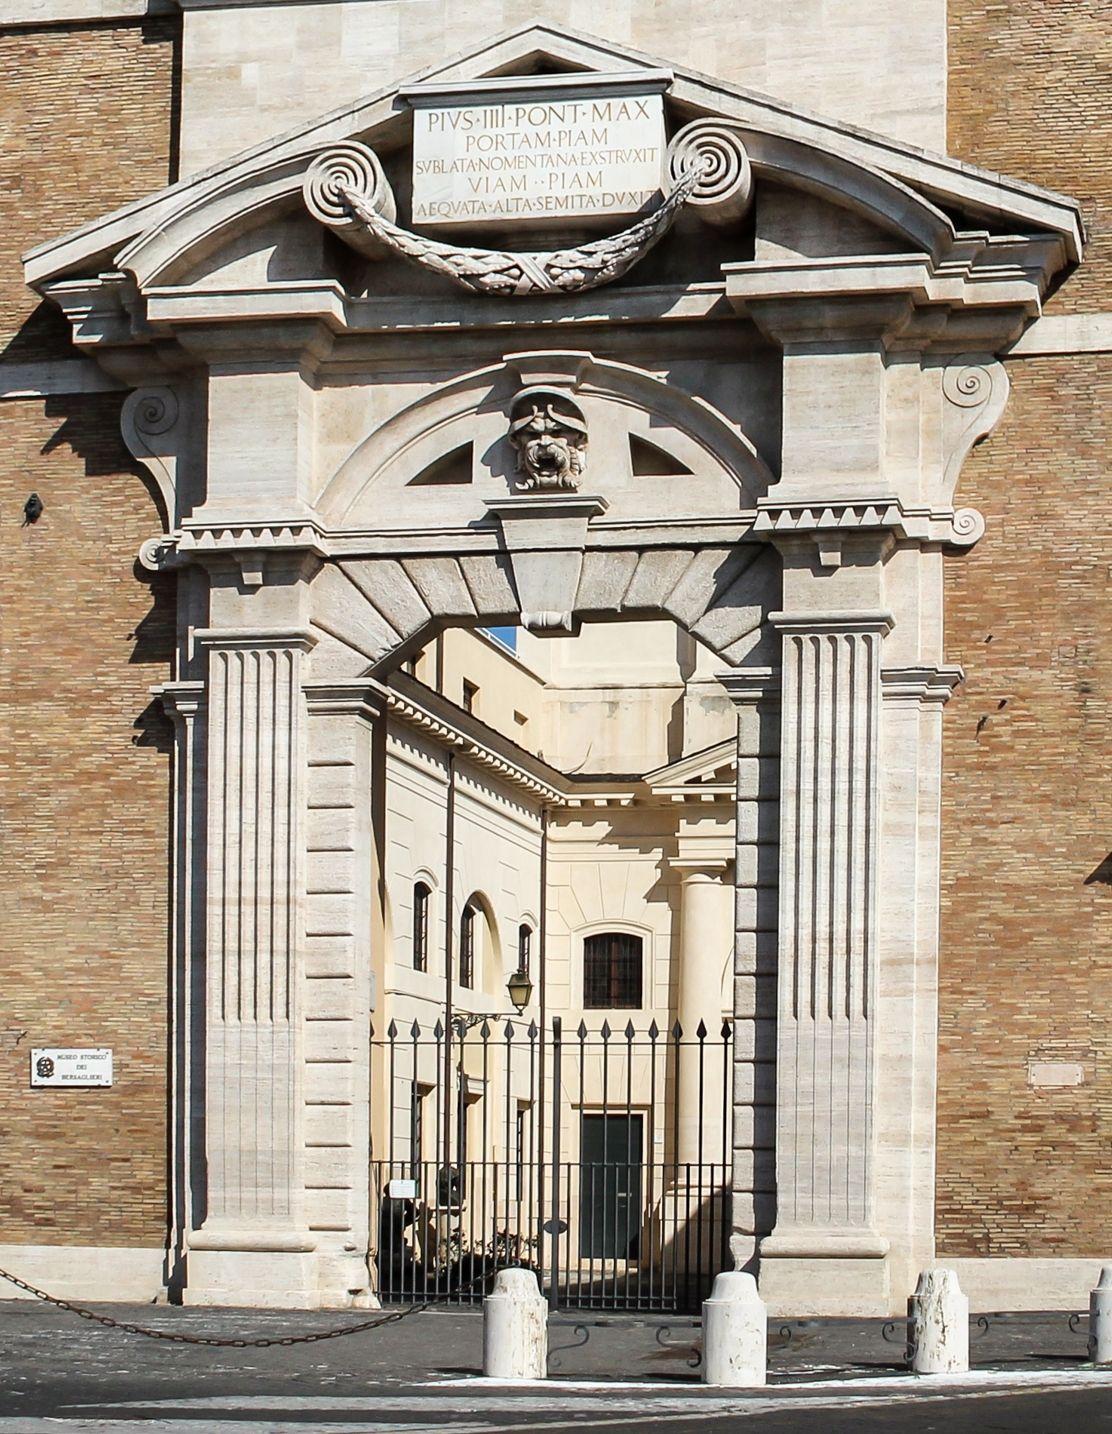 Porta pia portal architecture of michelangelo - Hotel porta pia roma ...